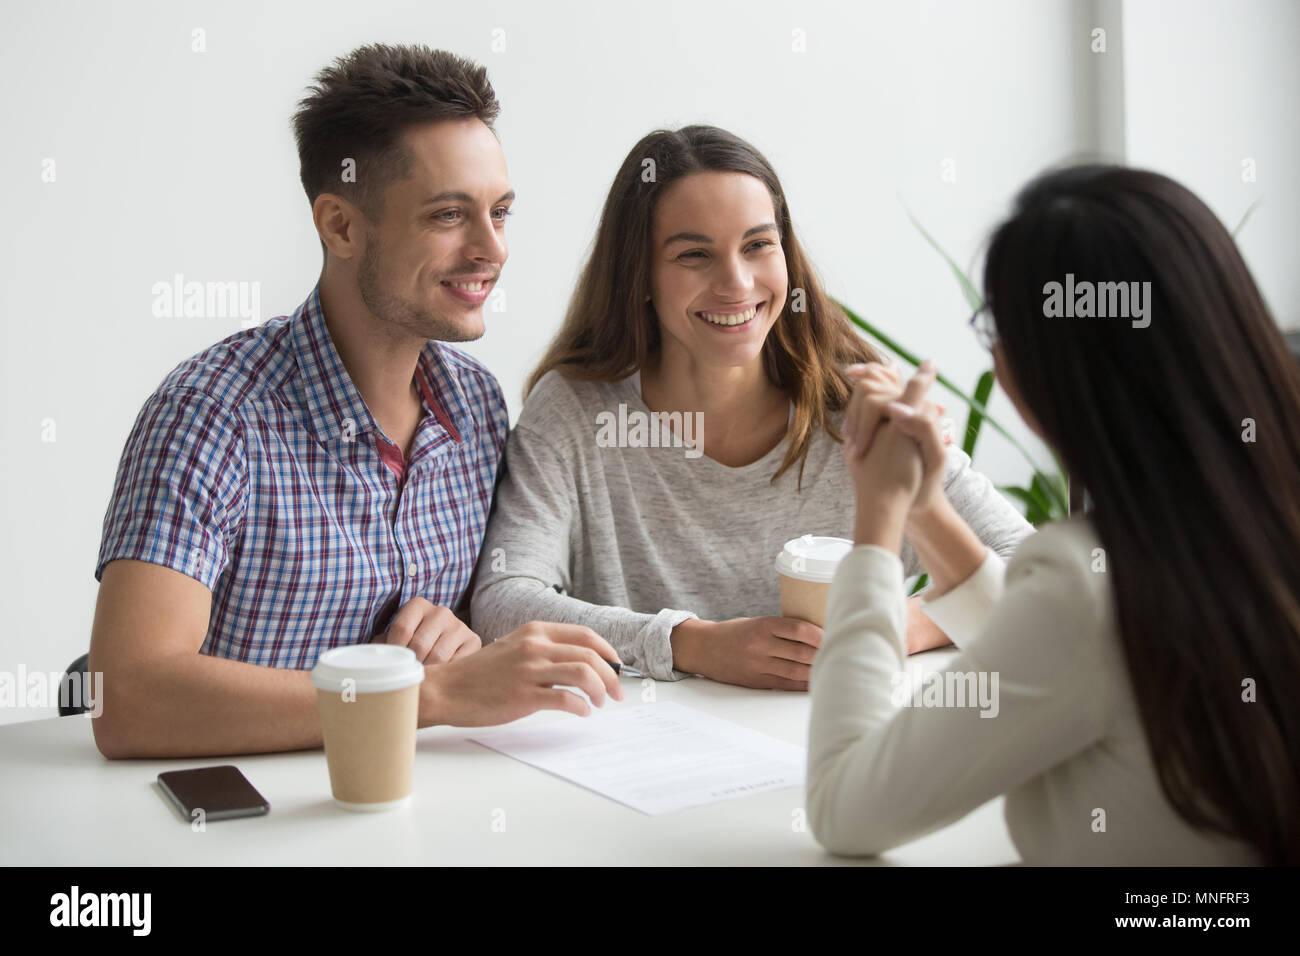 Lächelndes Paar Unterhaltung mit real estate agent Stockbild